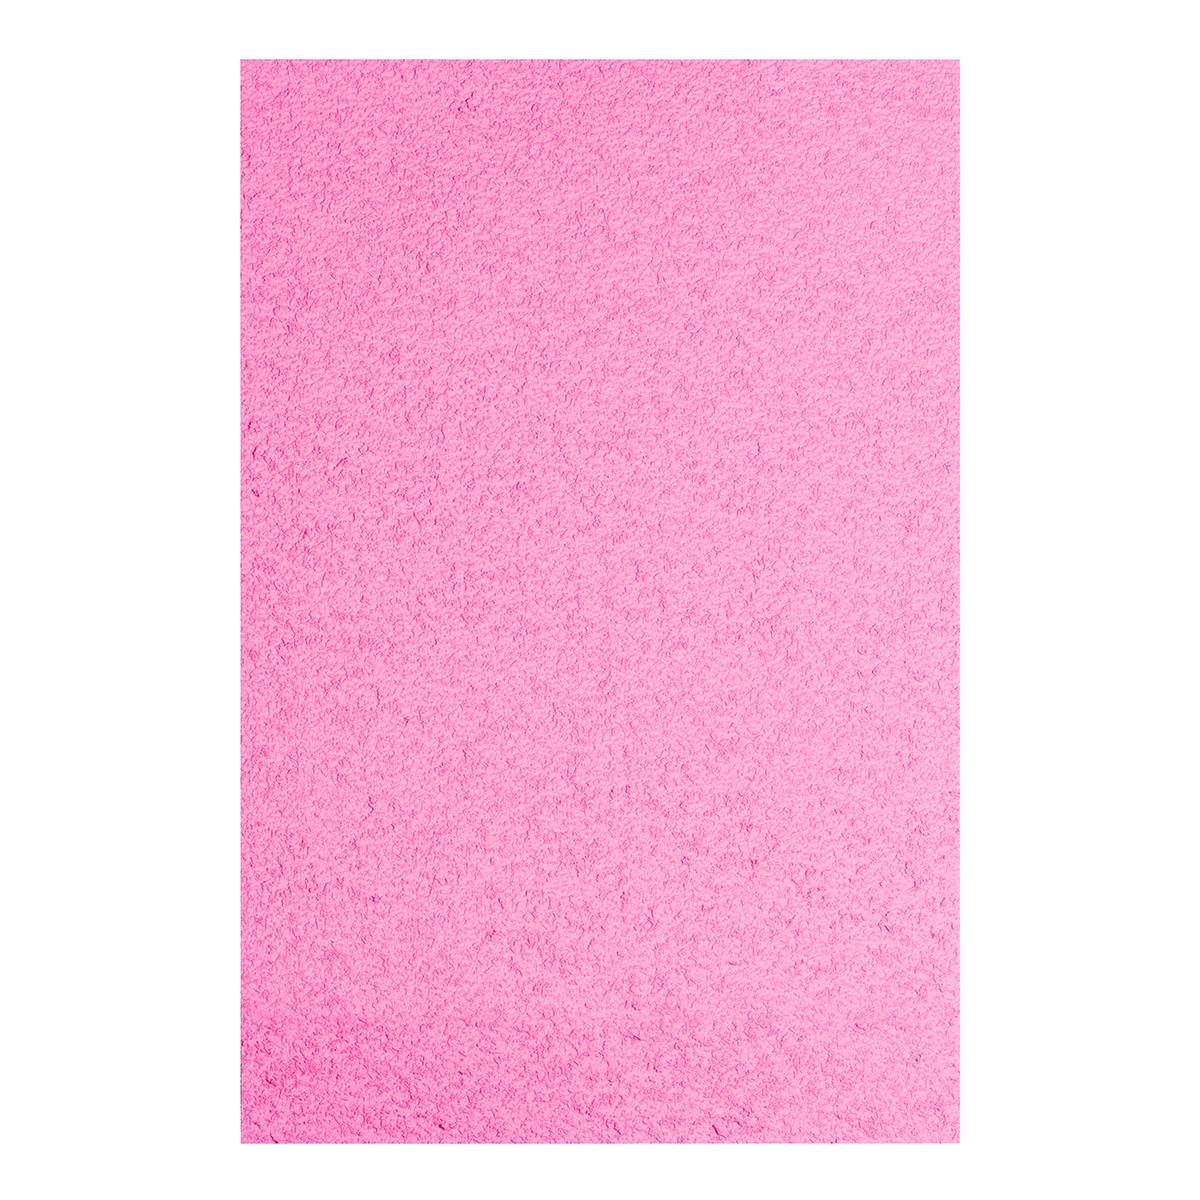 Фоамиран ЭВА розовый махровый, 200*300 мм, толщина 2 мм, 10 листов